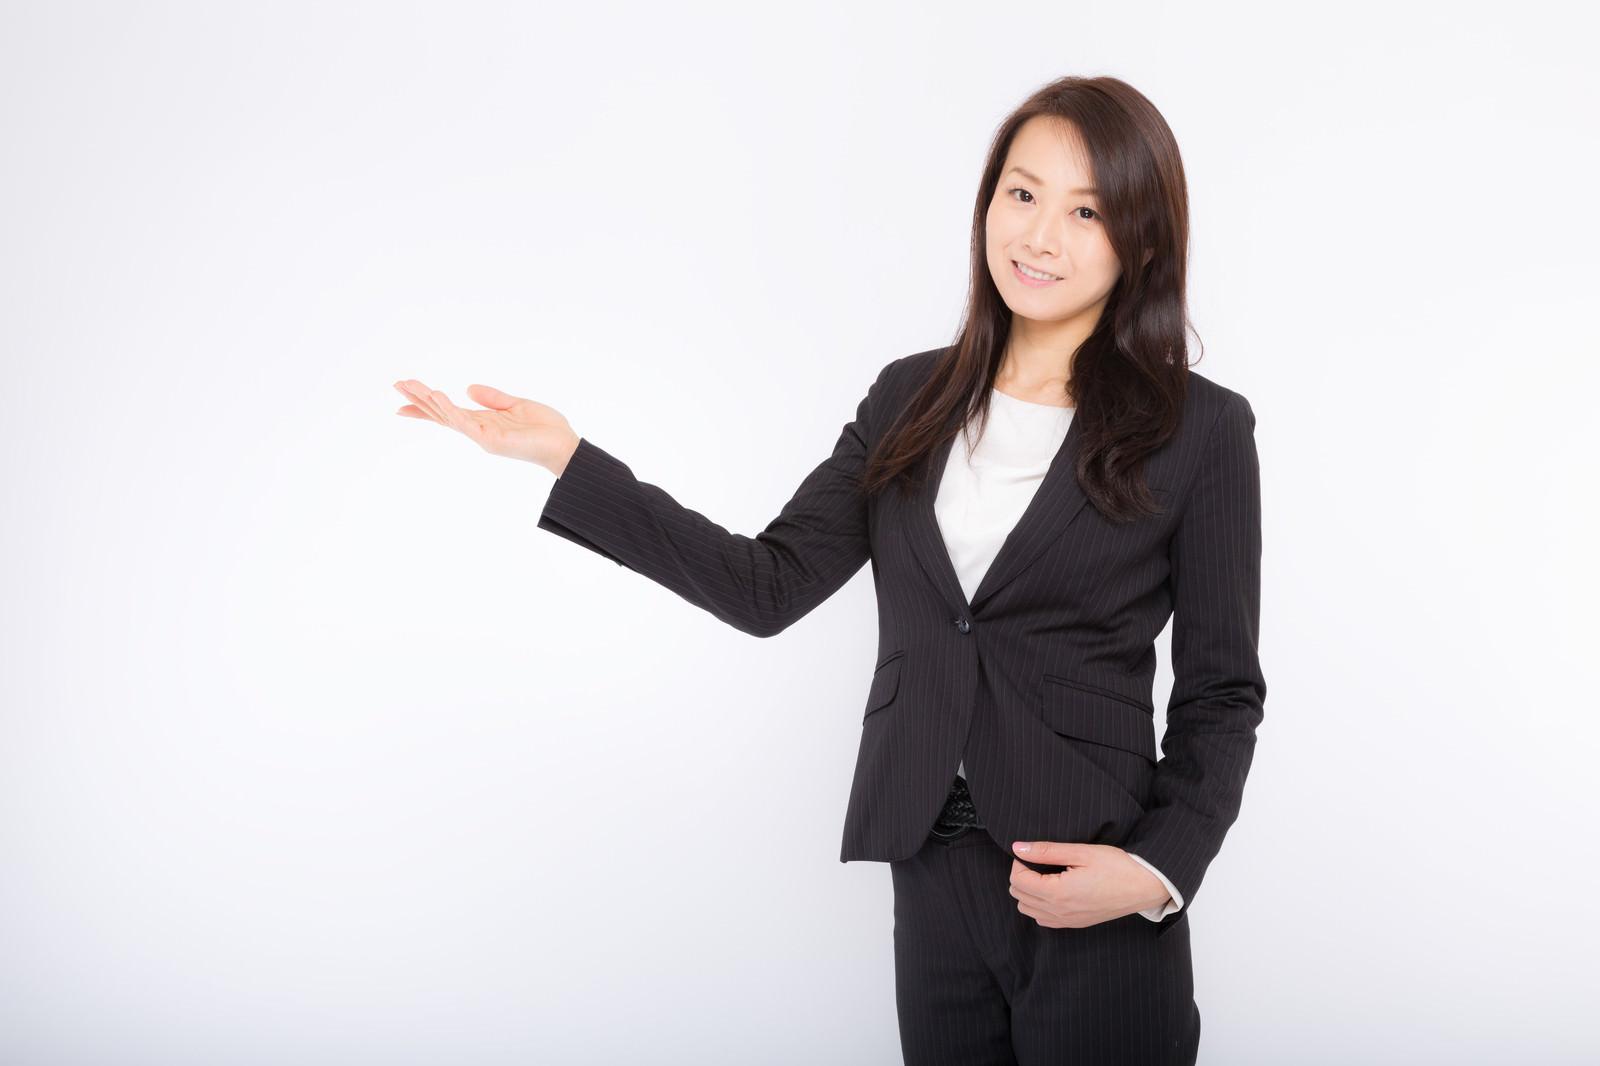 「商品を案内する女性社員商品を案内する女性社員」[モデル:土本寛子]のフリー写真素材を拡大